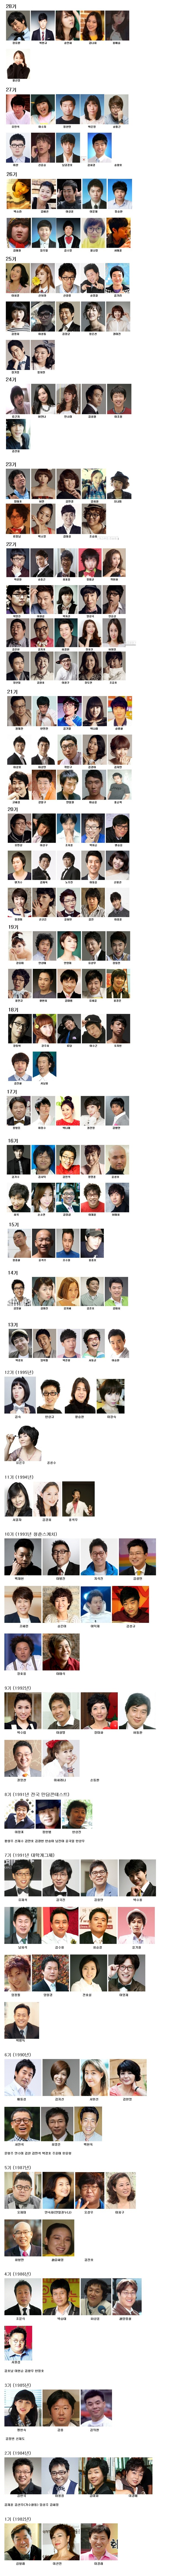 KBS 개그맨 공채 기수